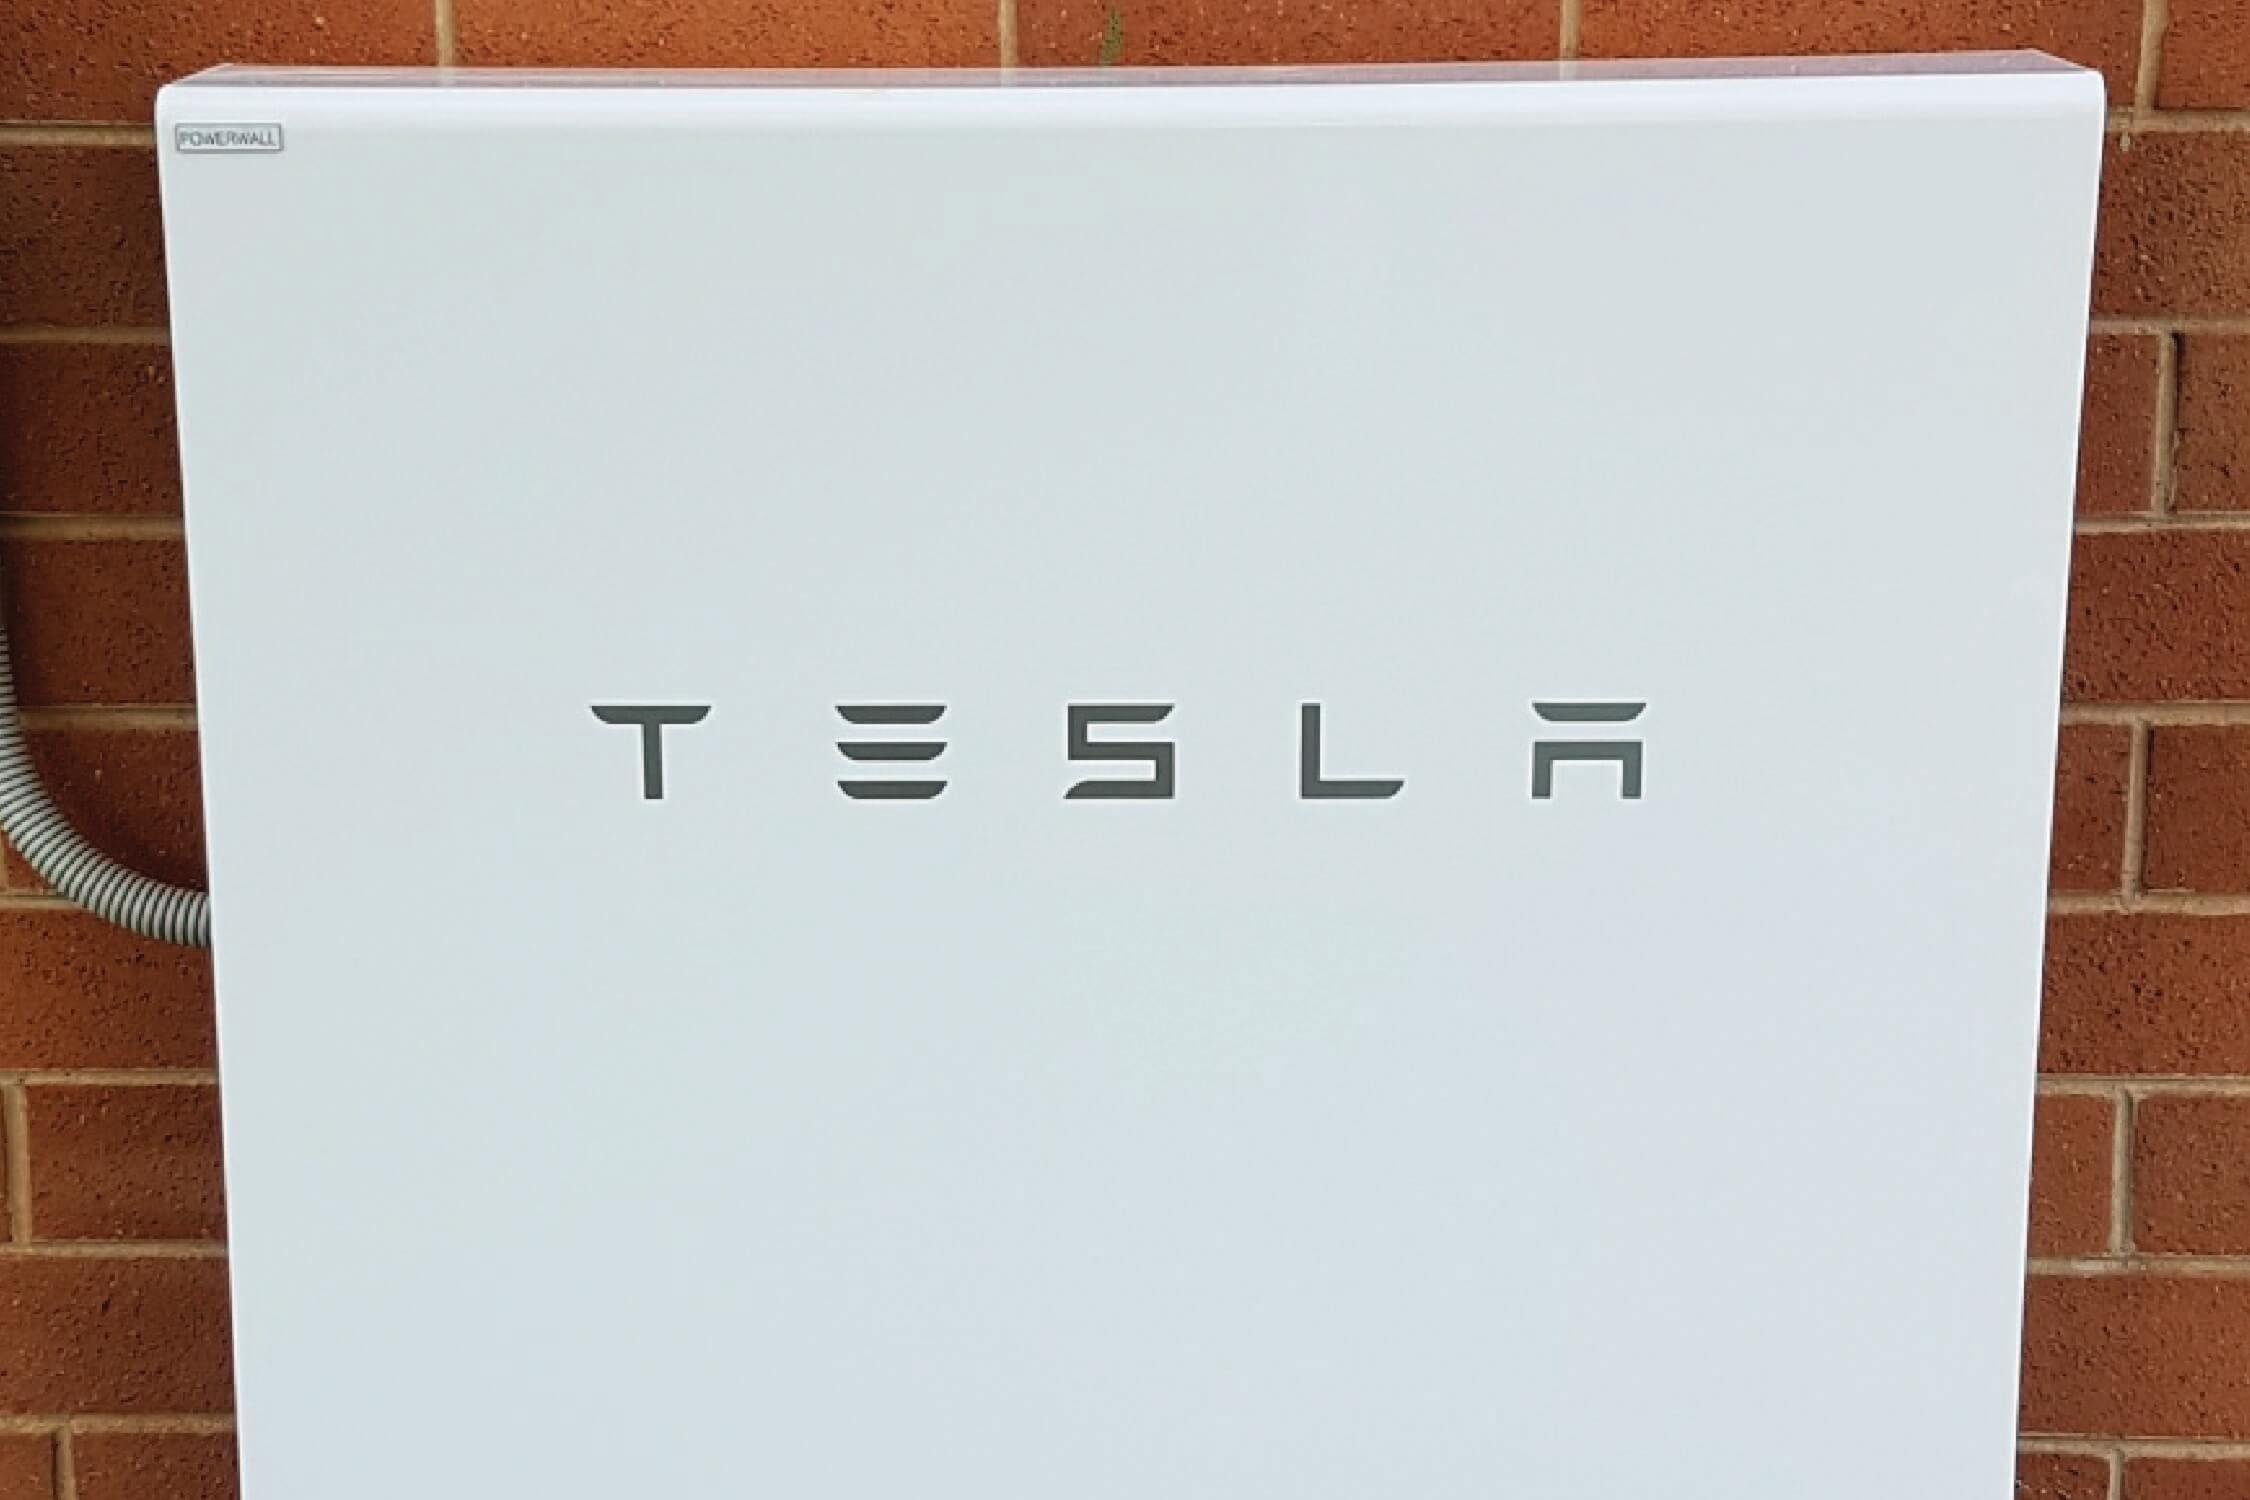 Solar savings are no gimmick